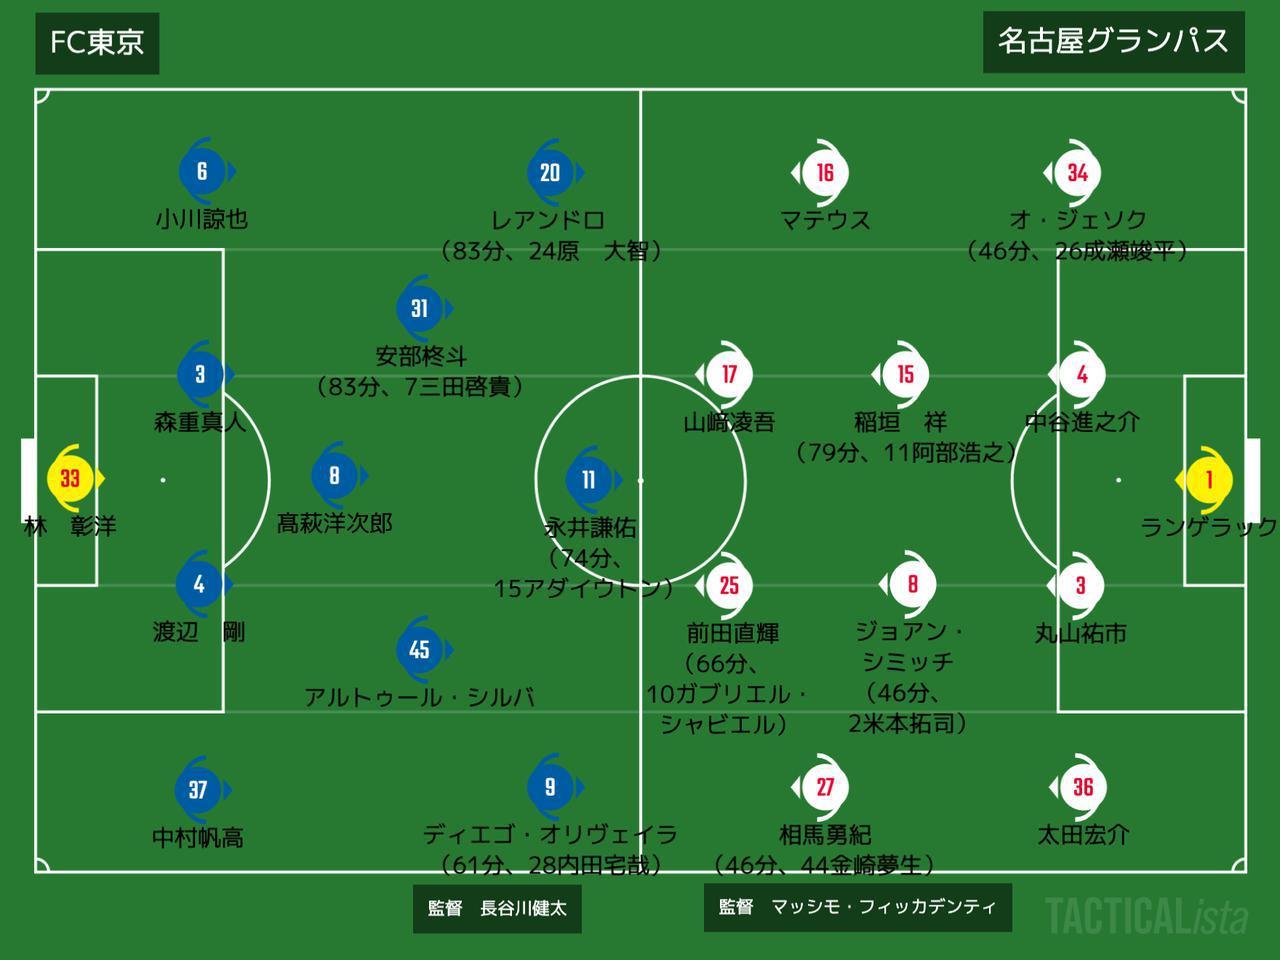 画像: ■2020年9月2日 YBCルヴァンカップ準々決勝(@味スタ:観衆3,558人) FC東京3-0 名古屋 得点:(東)安部柊斗2、アダイウトン